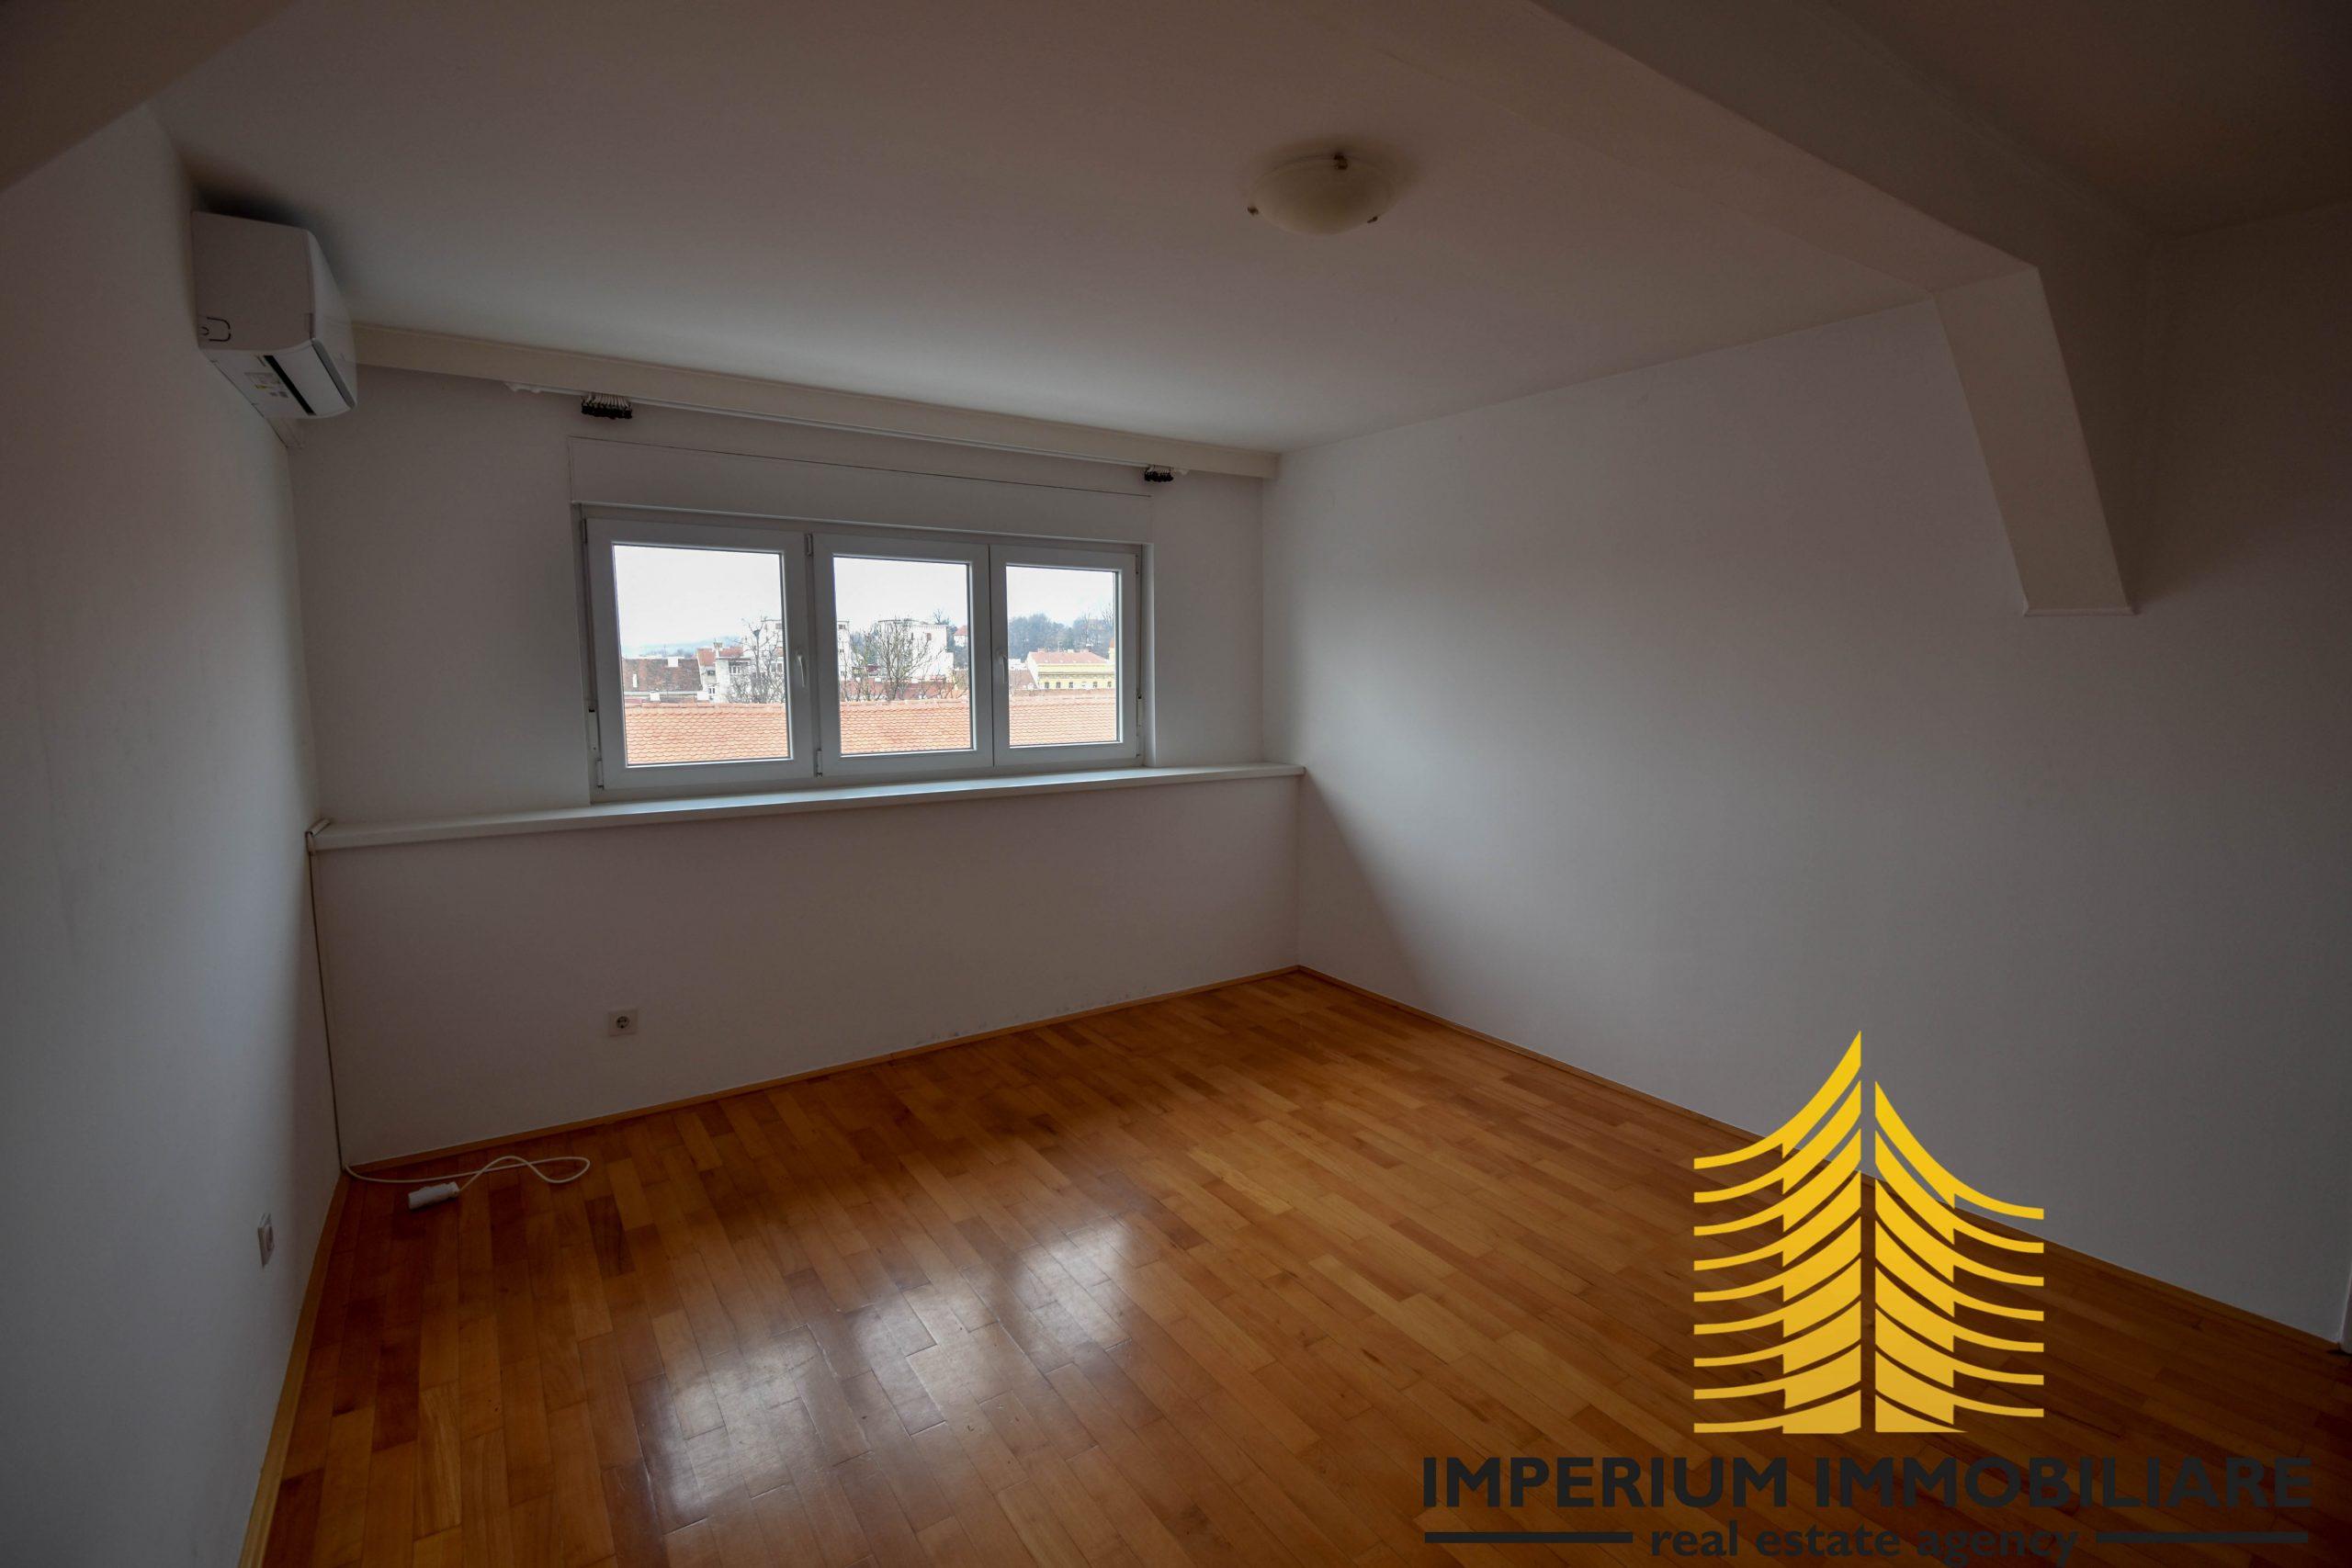 Poslovni prostor: Zagreb (Donji grad), uredski, 80 m2, GUNDULIĆEVA (iznajmljivanje)